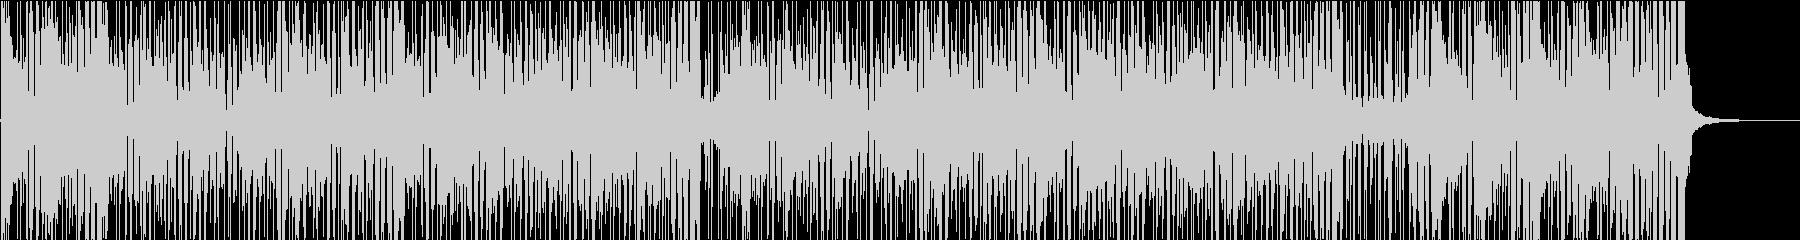 ファンキーな曲ロングバージョンの未再生の波形